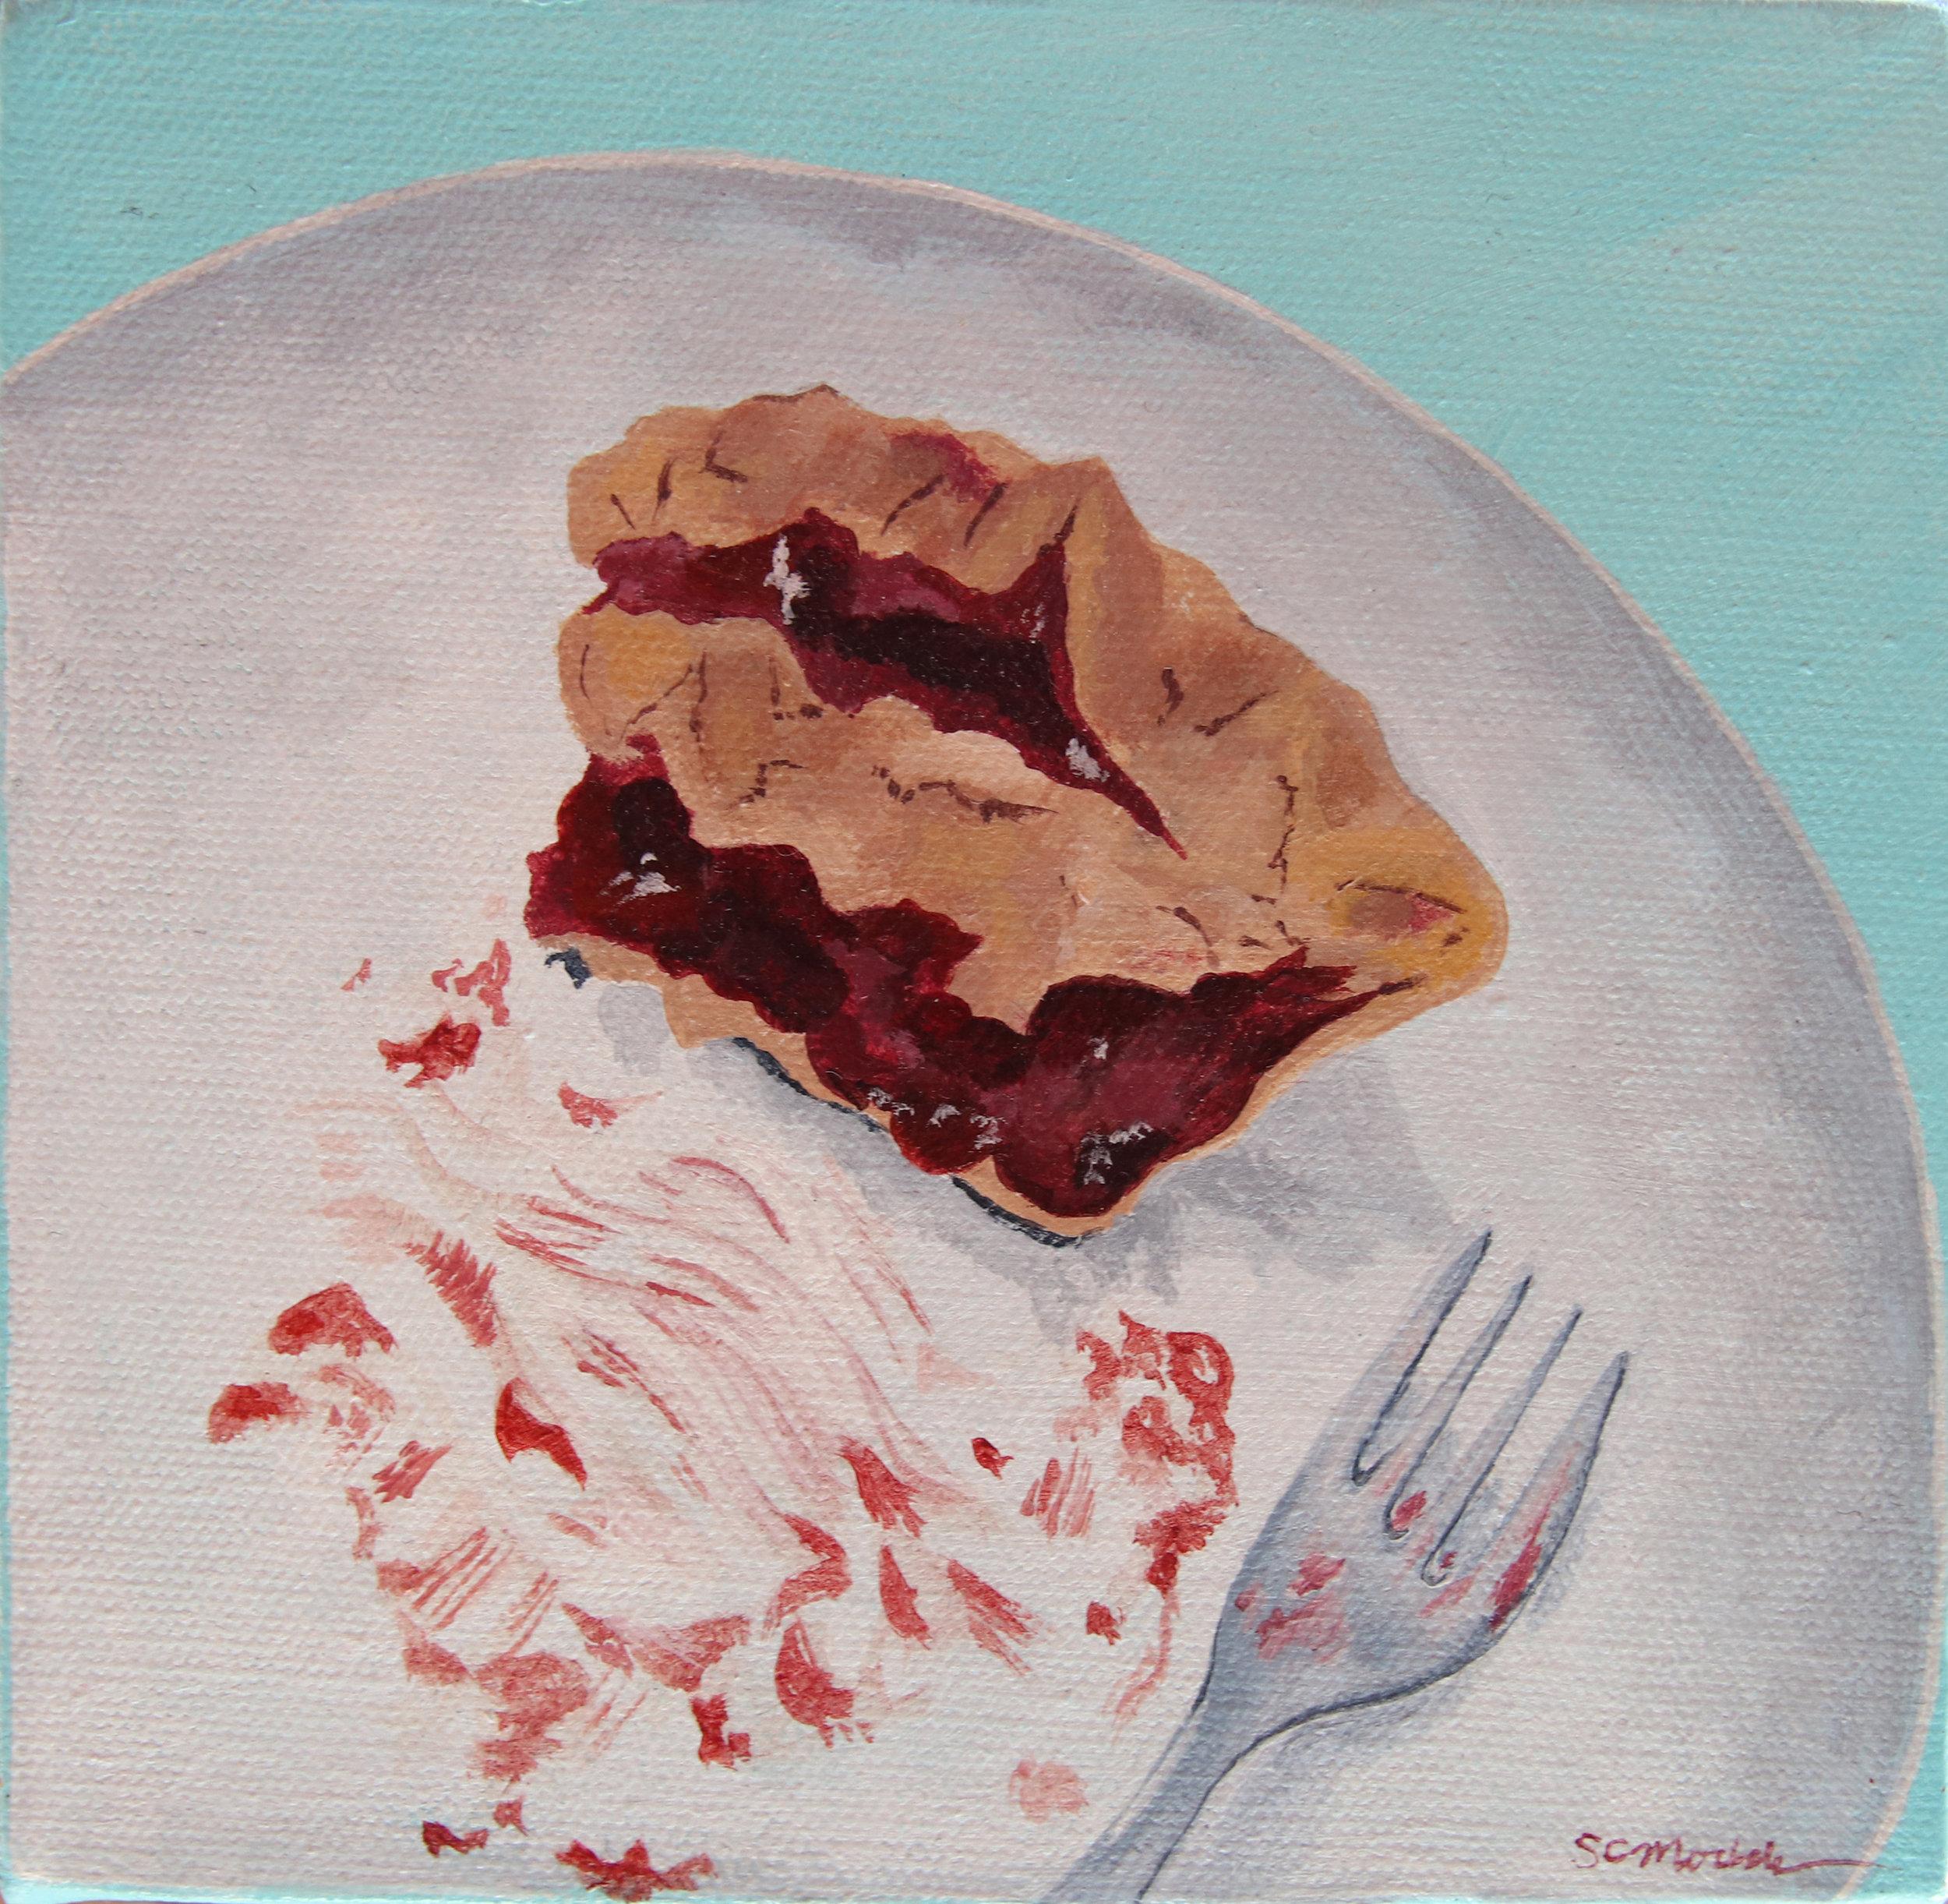 Life of Pie 2 (of 4)